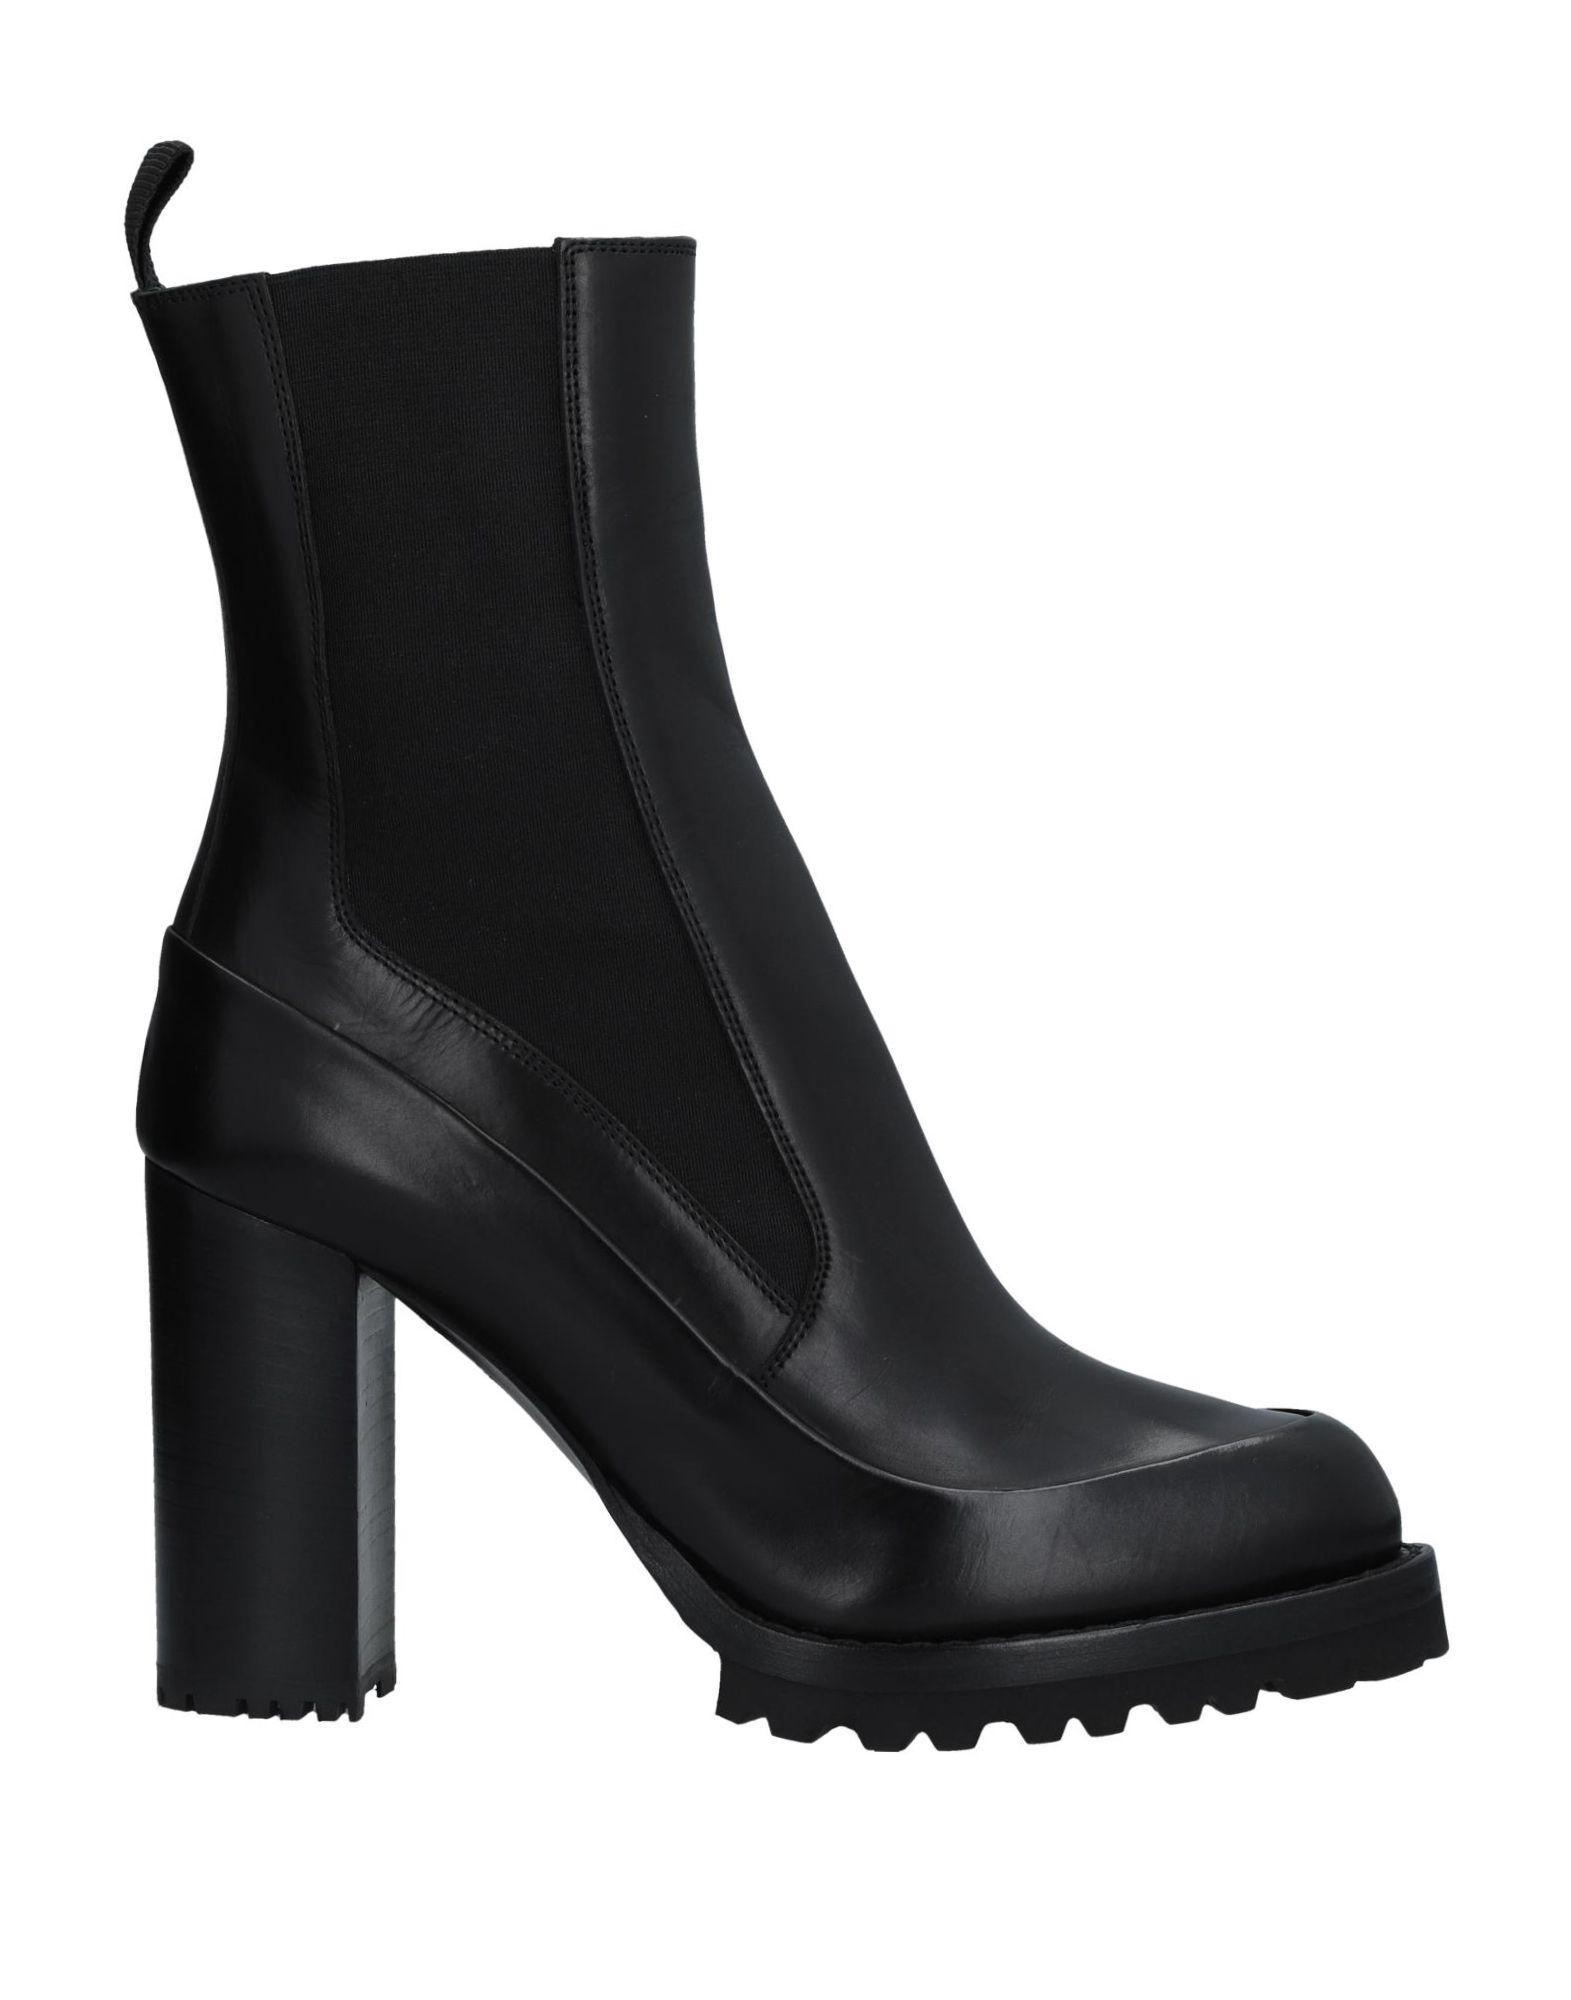 Premiata Stiefelette Damen  11528410JLGünstige gut aussehende Schuhe